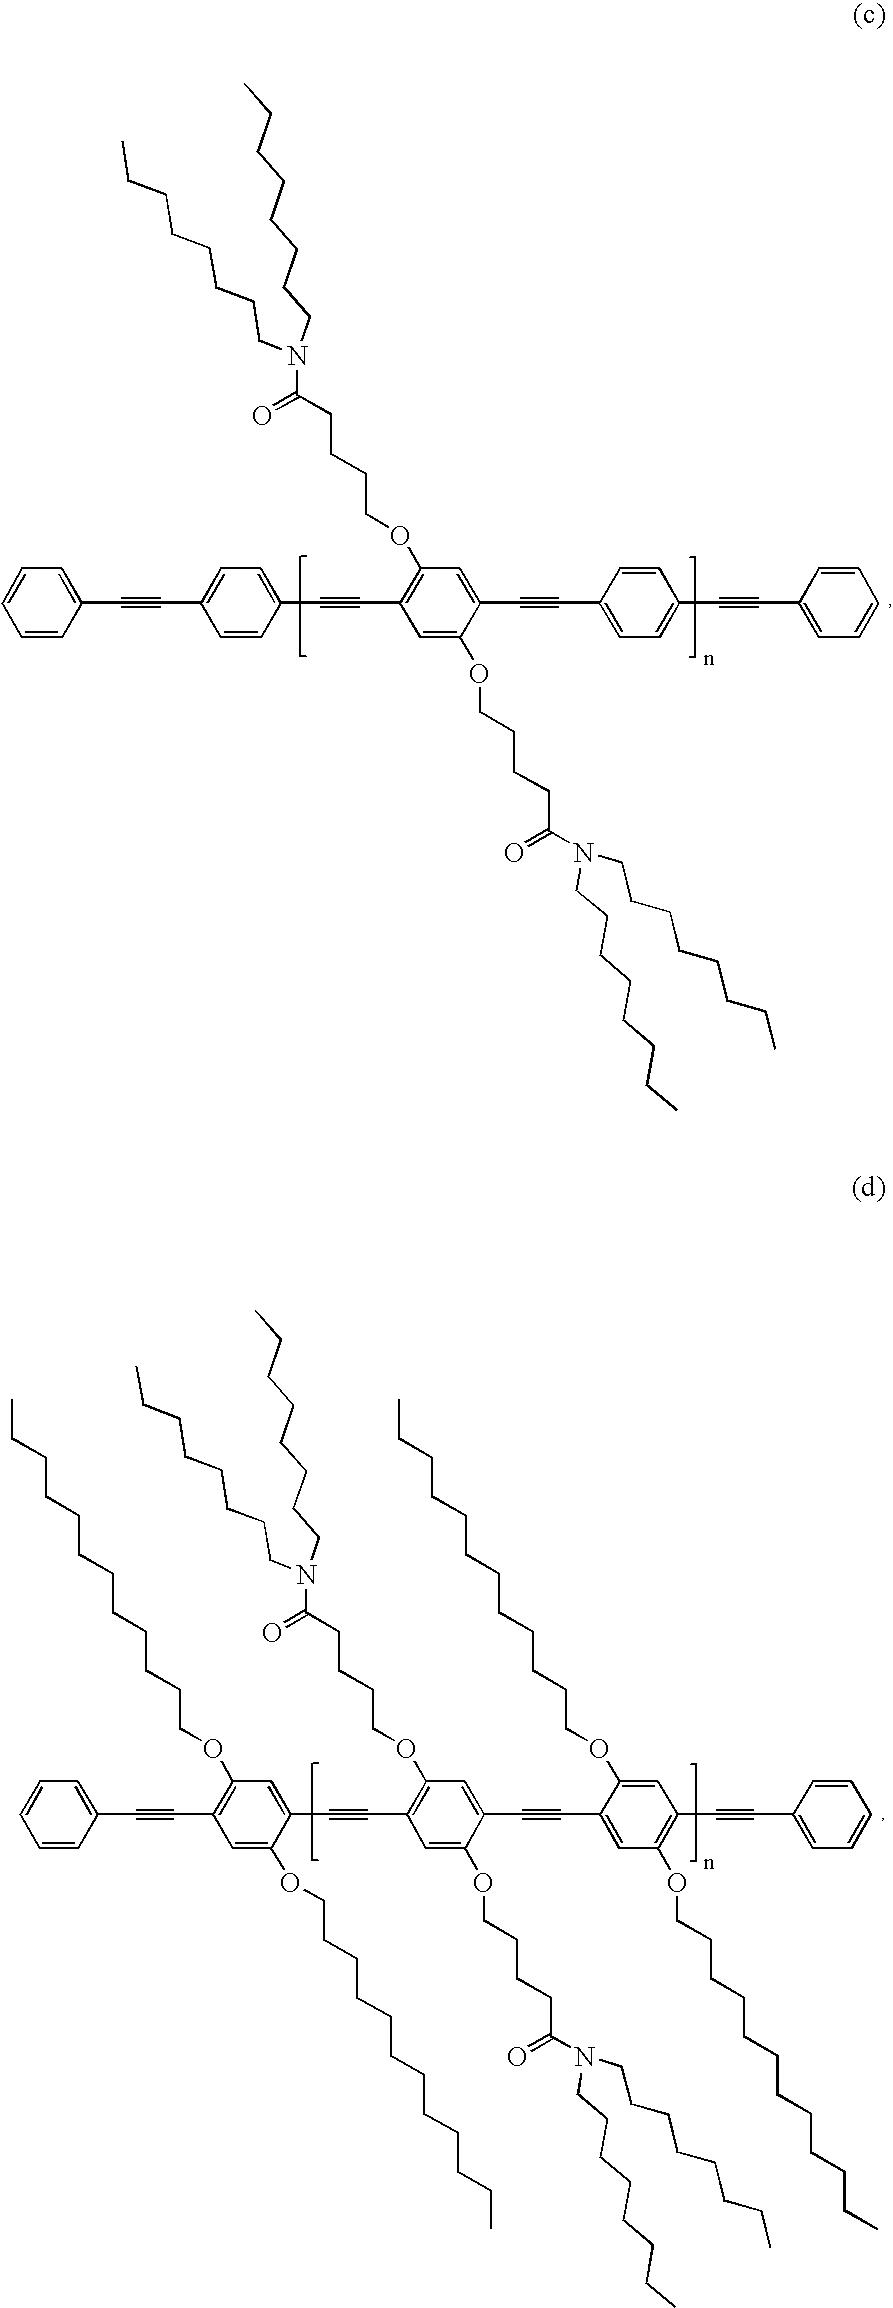 Figure US07479516-20090120-C00087